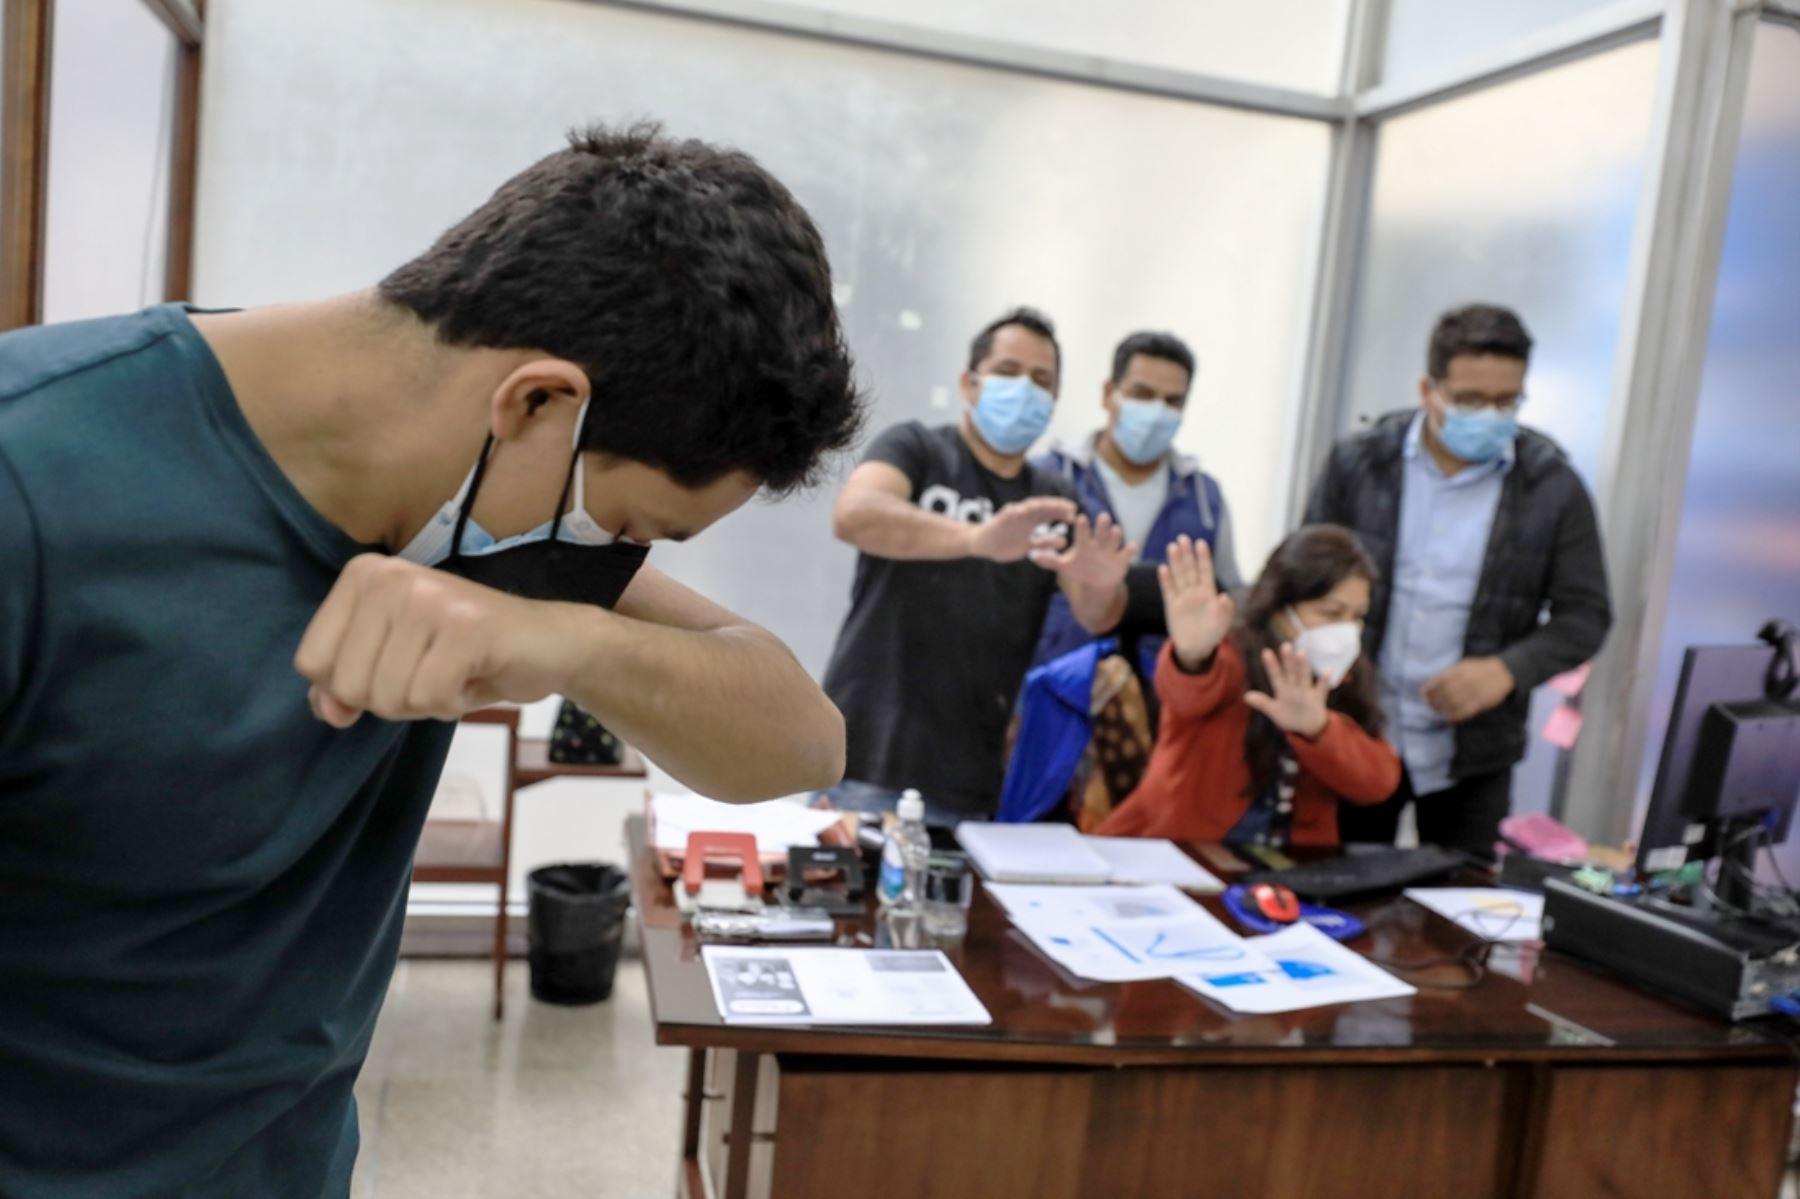 ¡Cuidado! Espacios cerrados propician proliferación del virus de la gripe o del covid-19. Foto: ANDINA/Difusión.